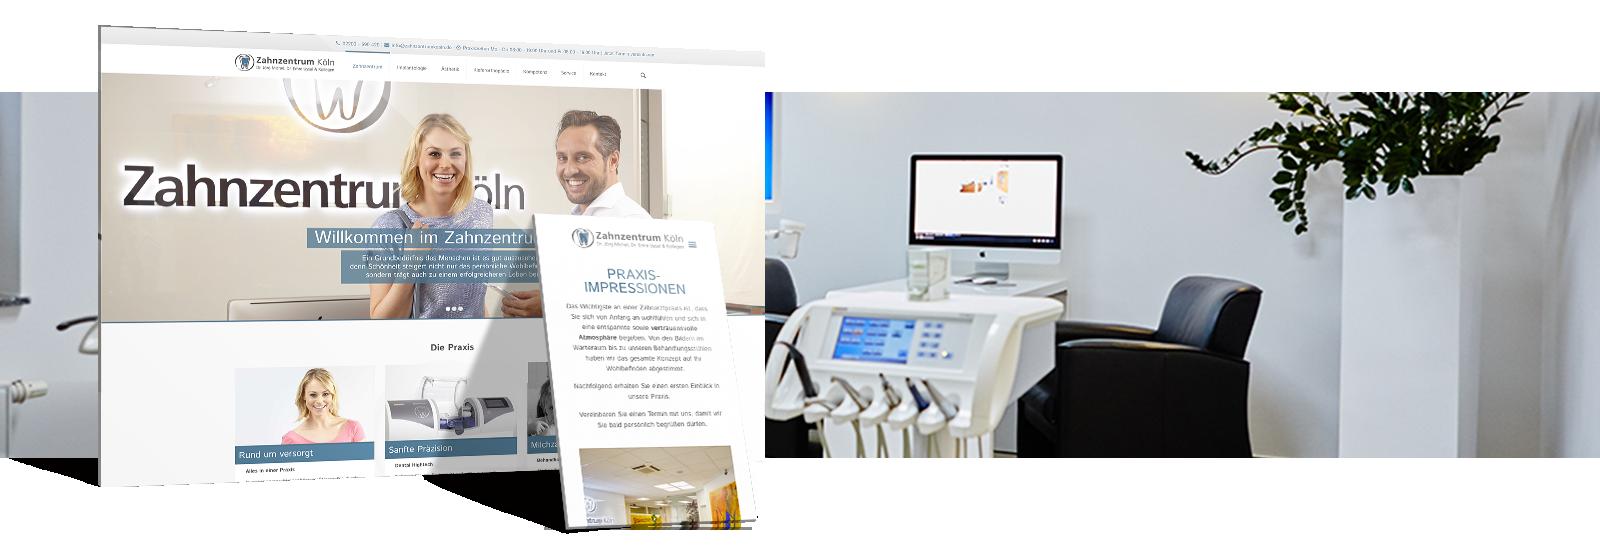 webdesign.koeln Referenz - Zahnzentrum Köln